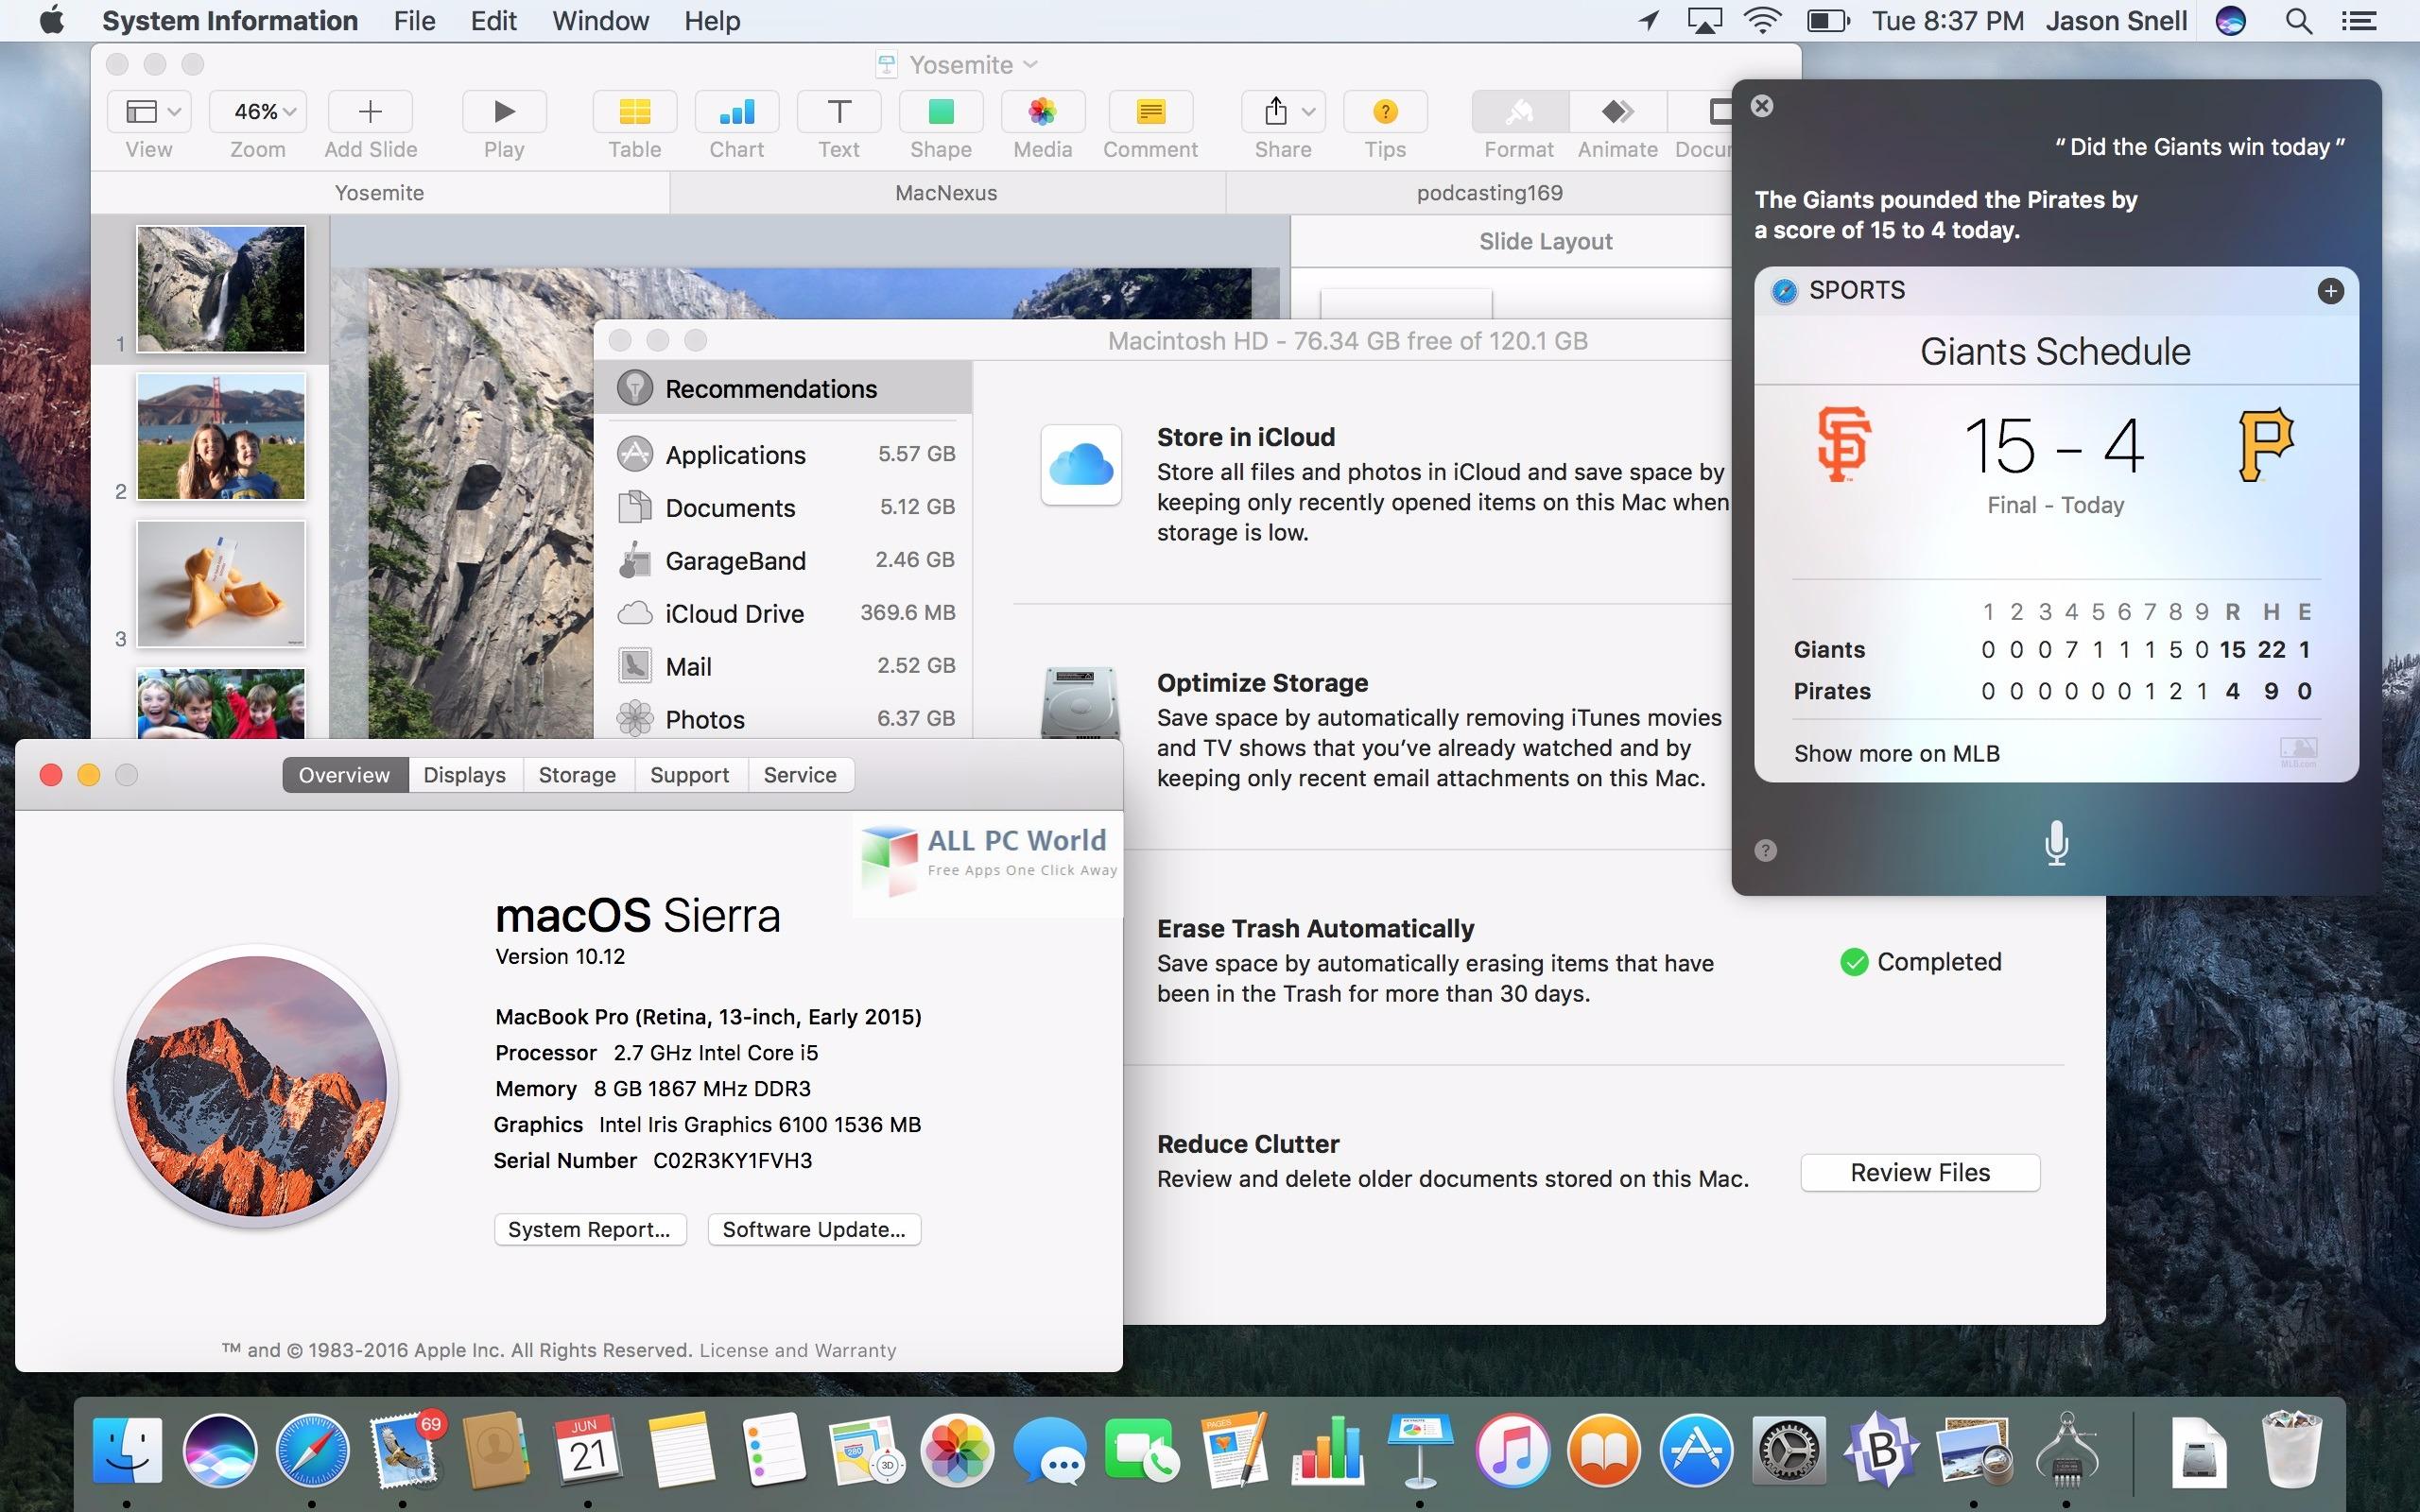 macOS Sierra 10.12 User Interface